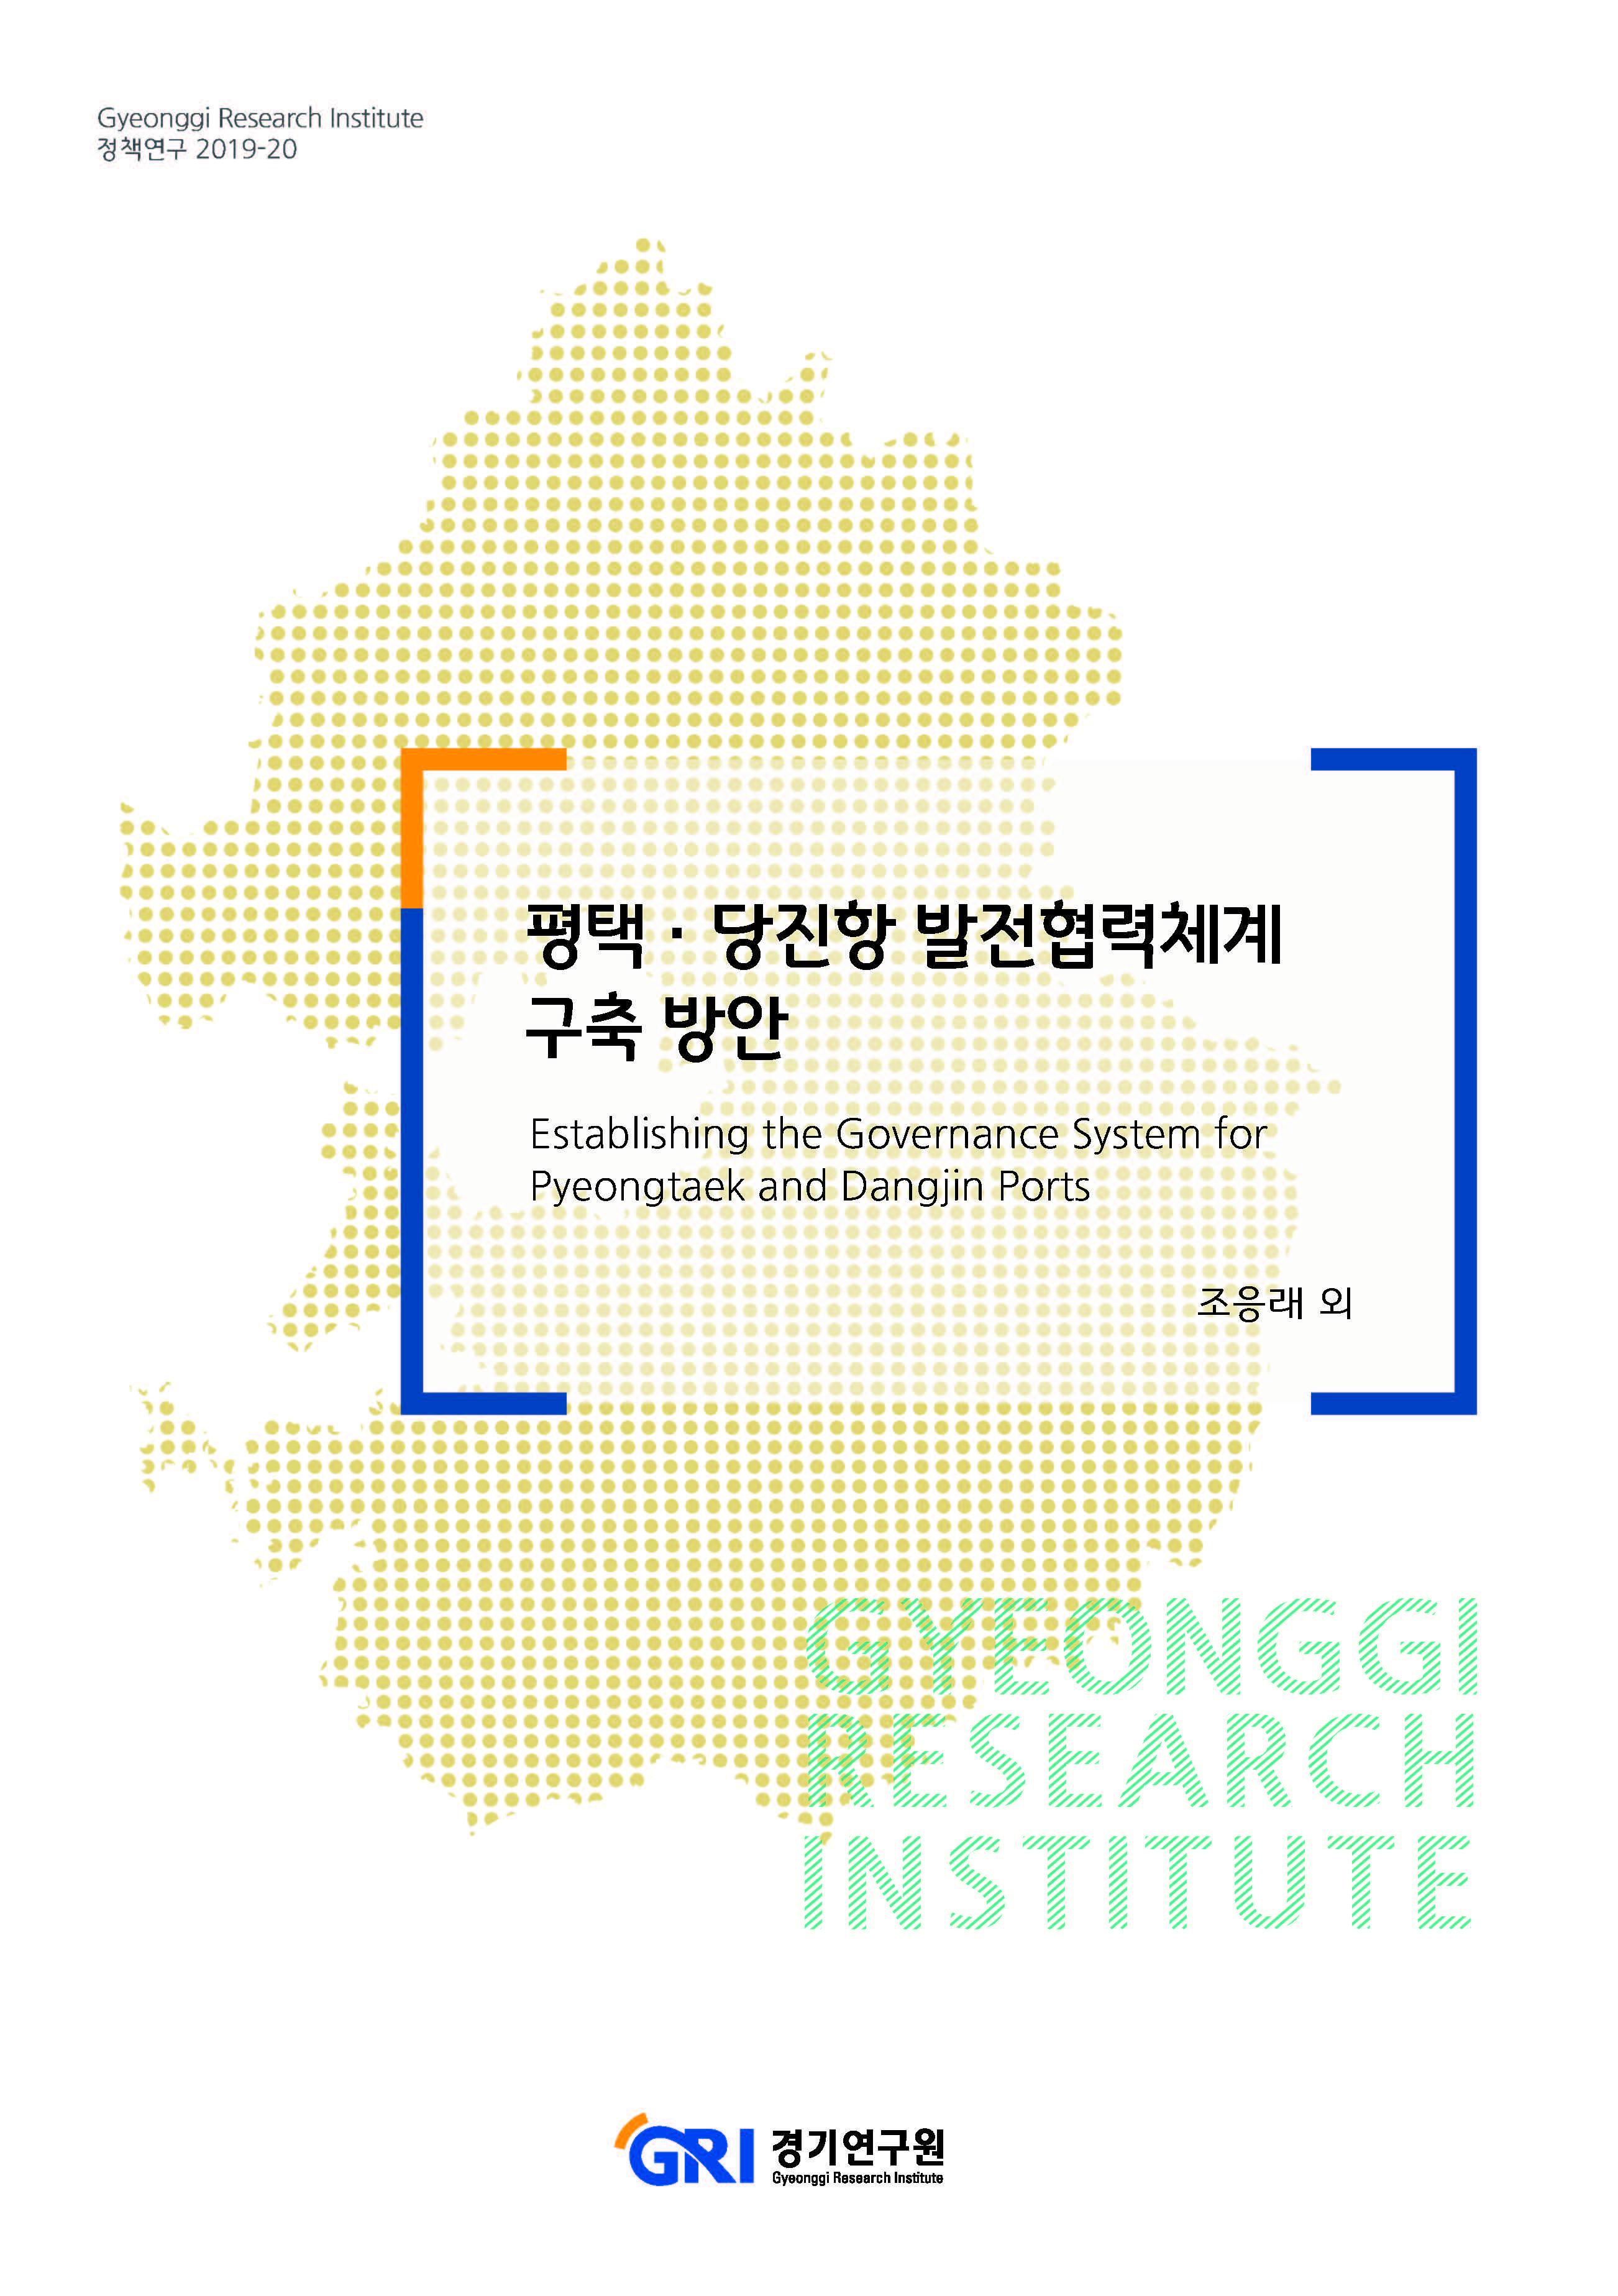 평택·당진항 발전협력체계 구축 방안